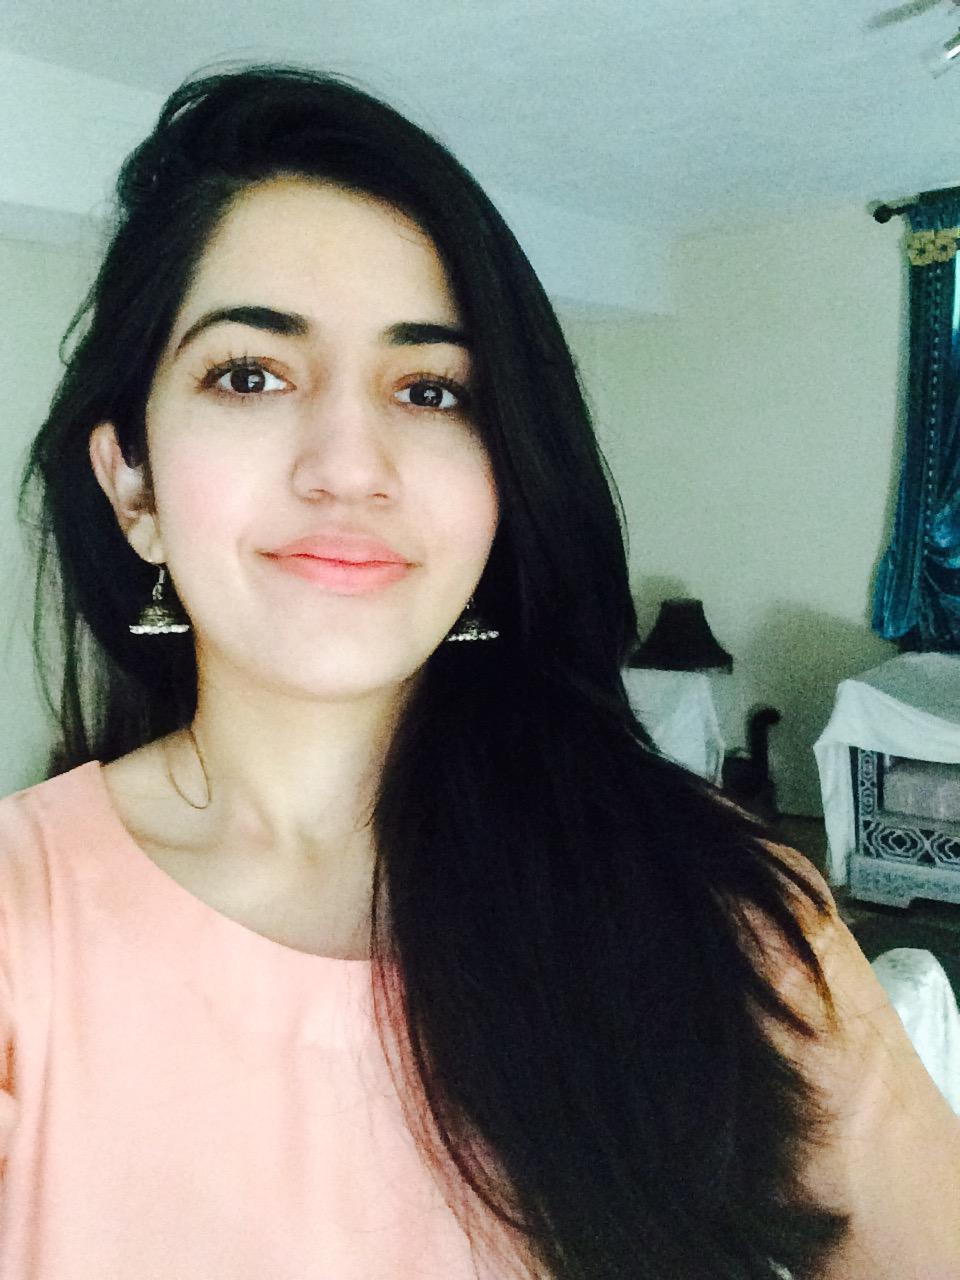 Noor Shahzad